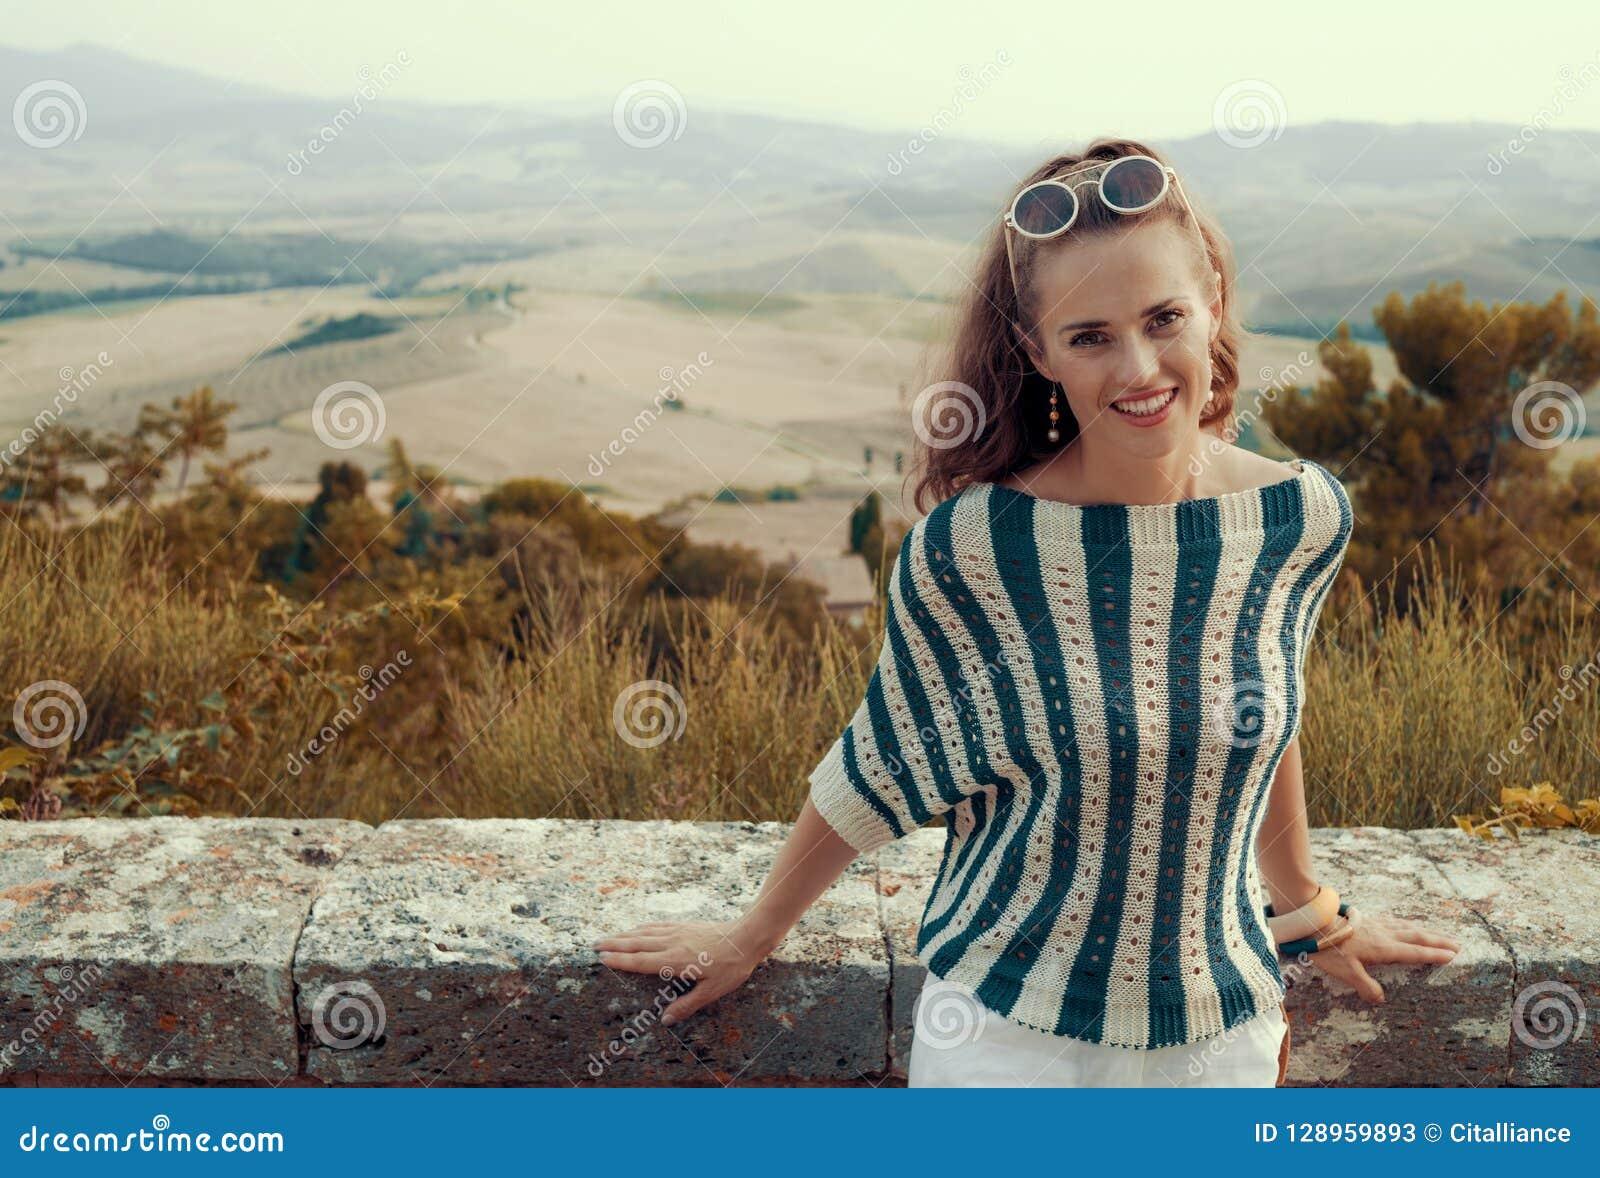 Giovane donna turistica sorridente davanti a paesaggio della Toscana